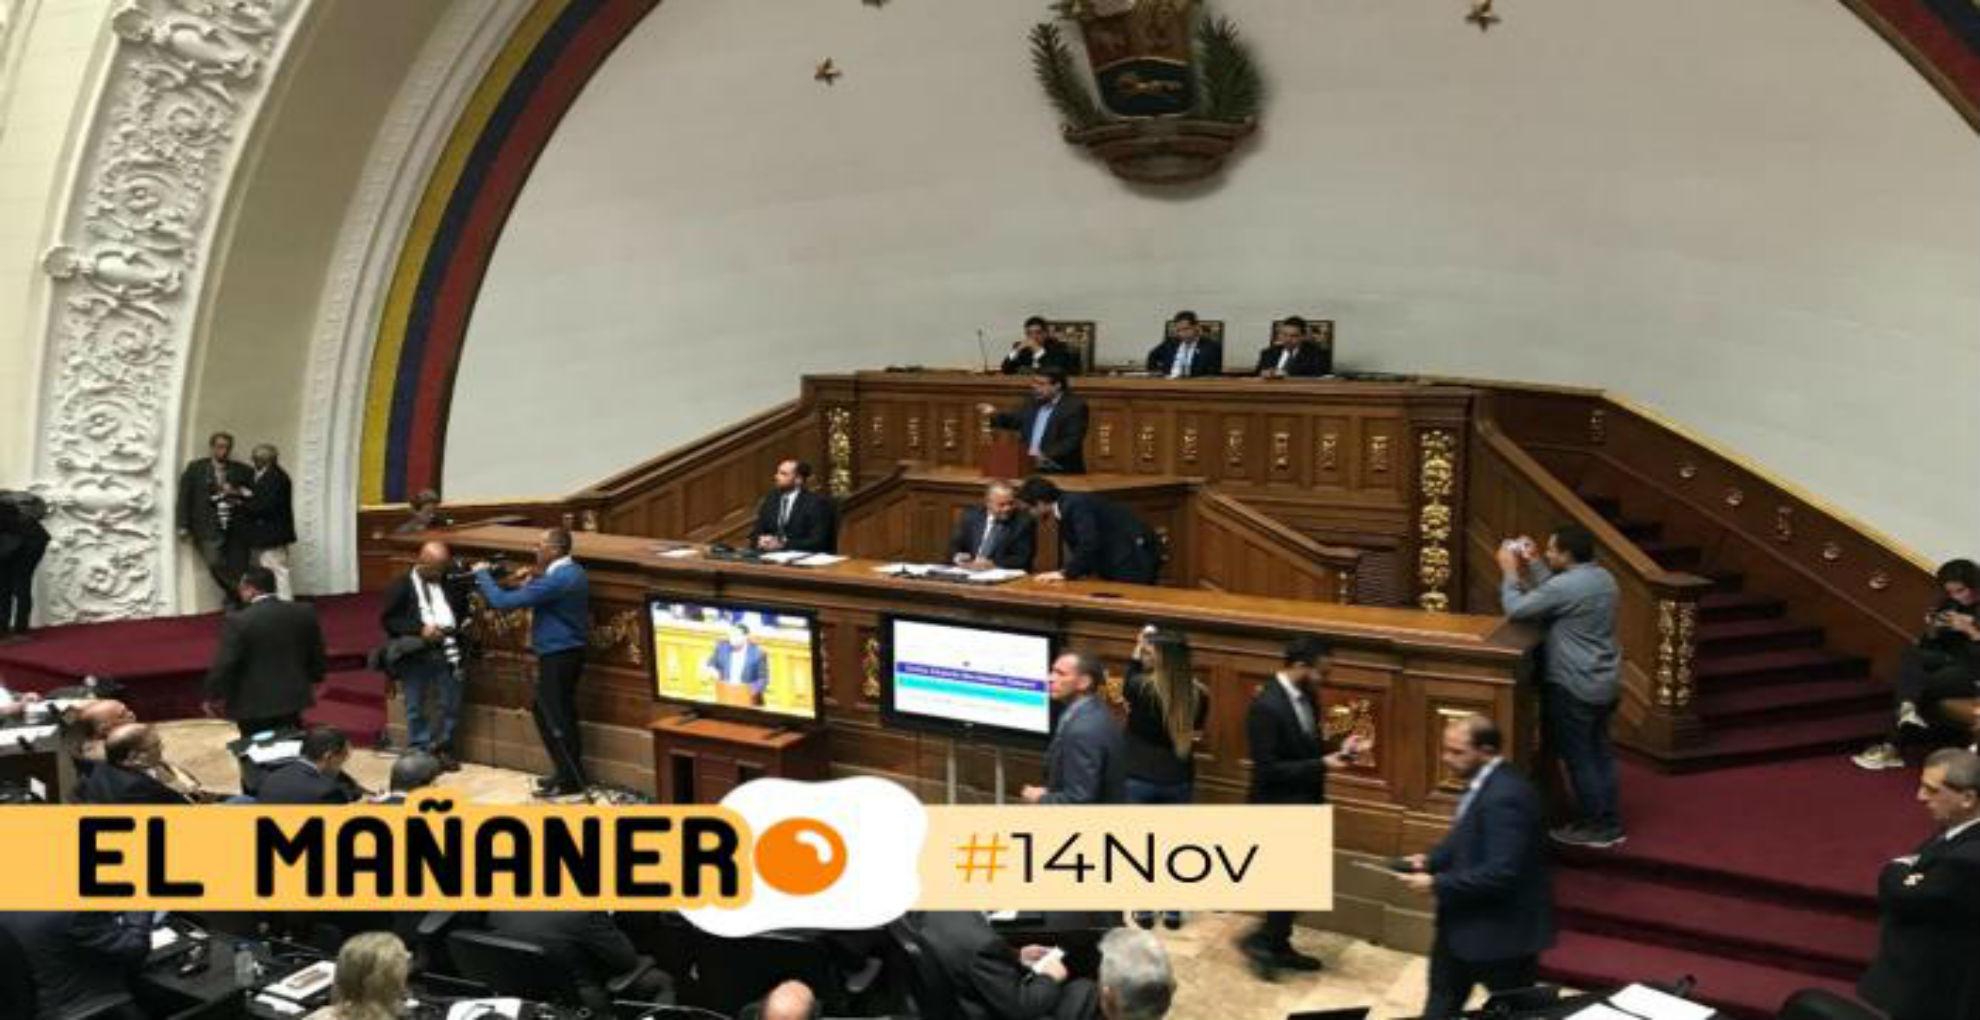 El Mañanero de hoy #14Nov: Las 8 noticias que debes saber